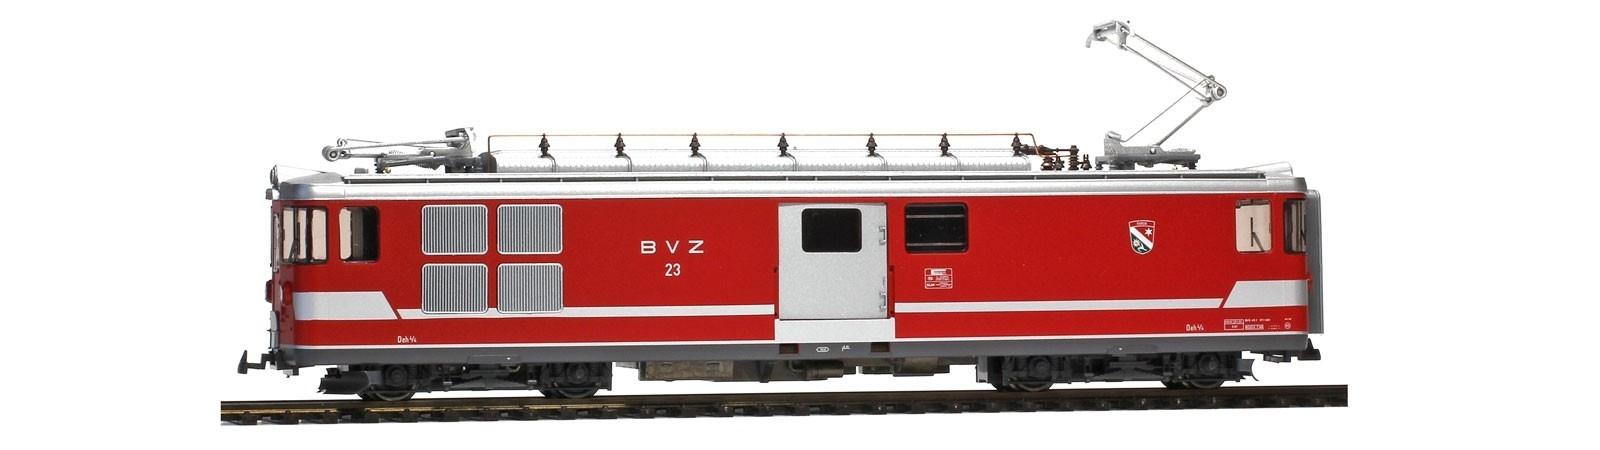 """1263513 BVZ Deh 4/4 23 """"Randa"""" Gepäcktriebwagen-1"""